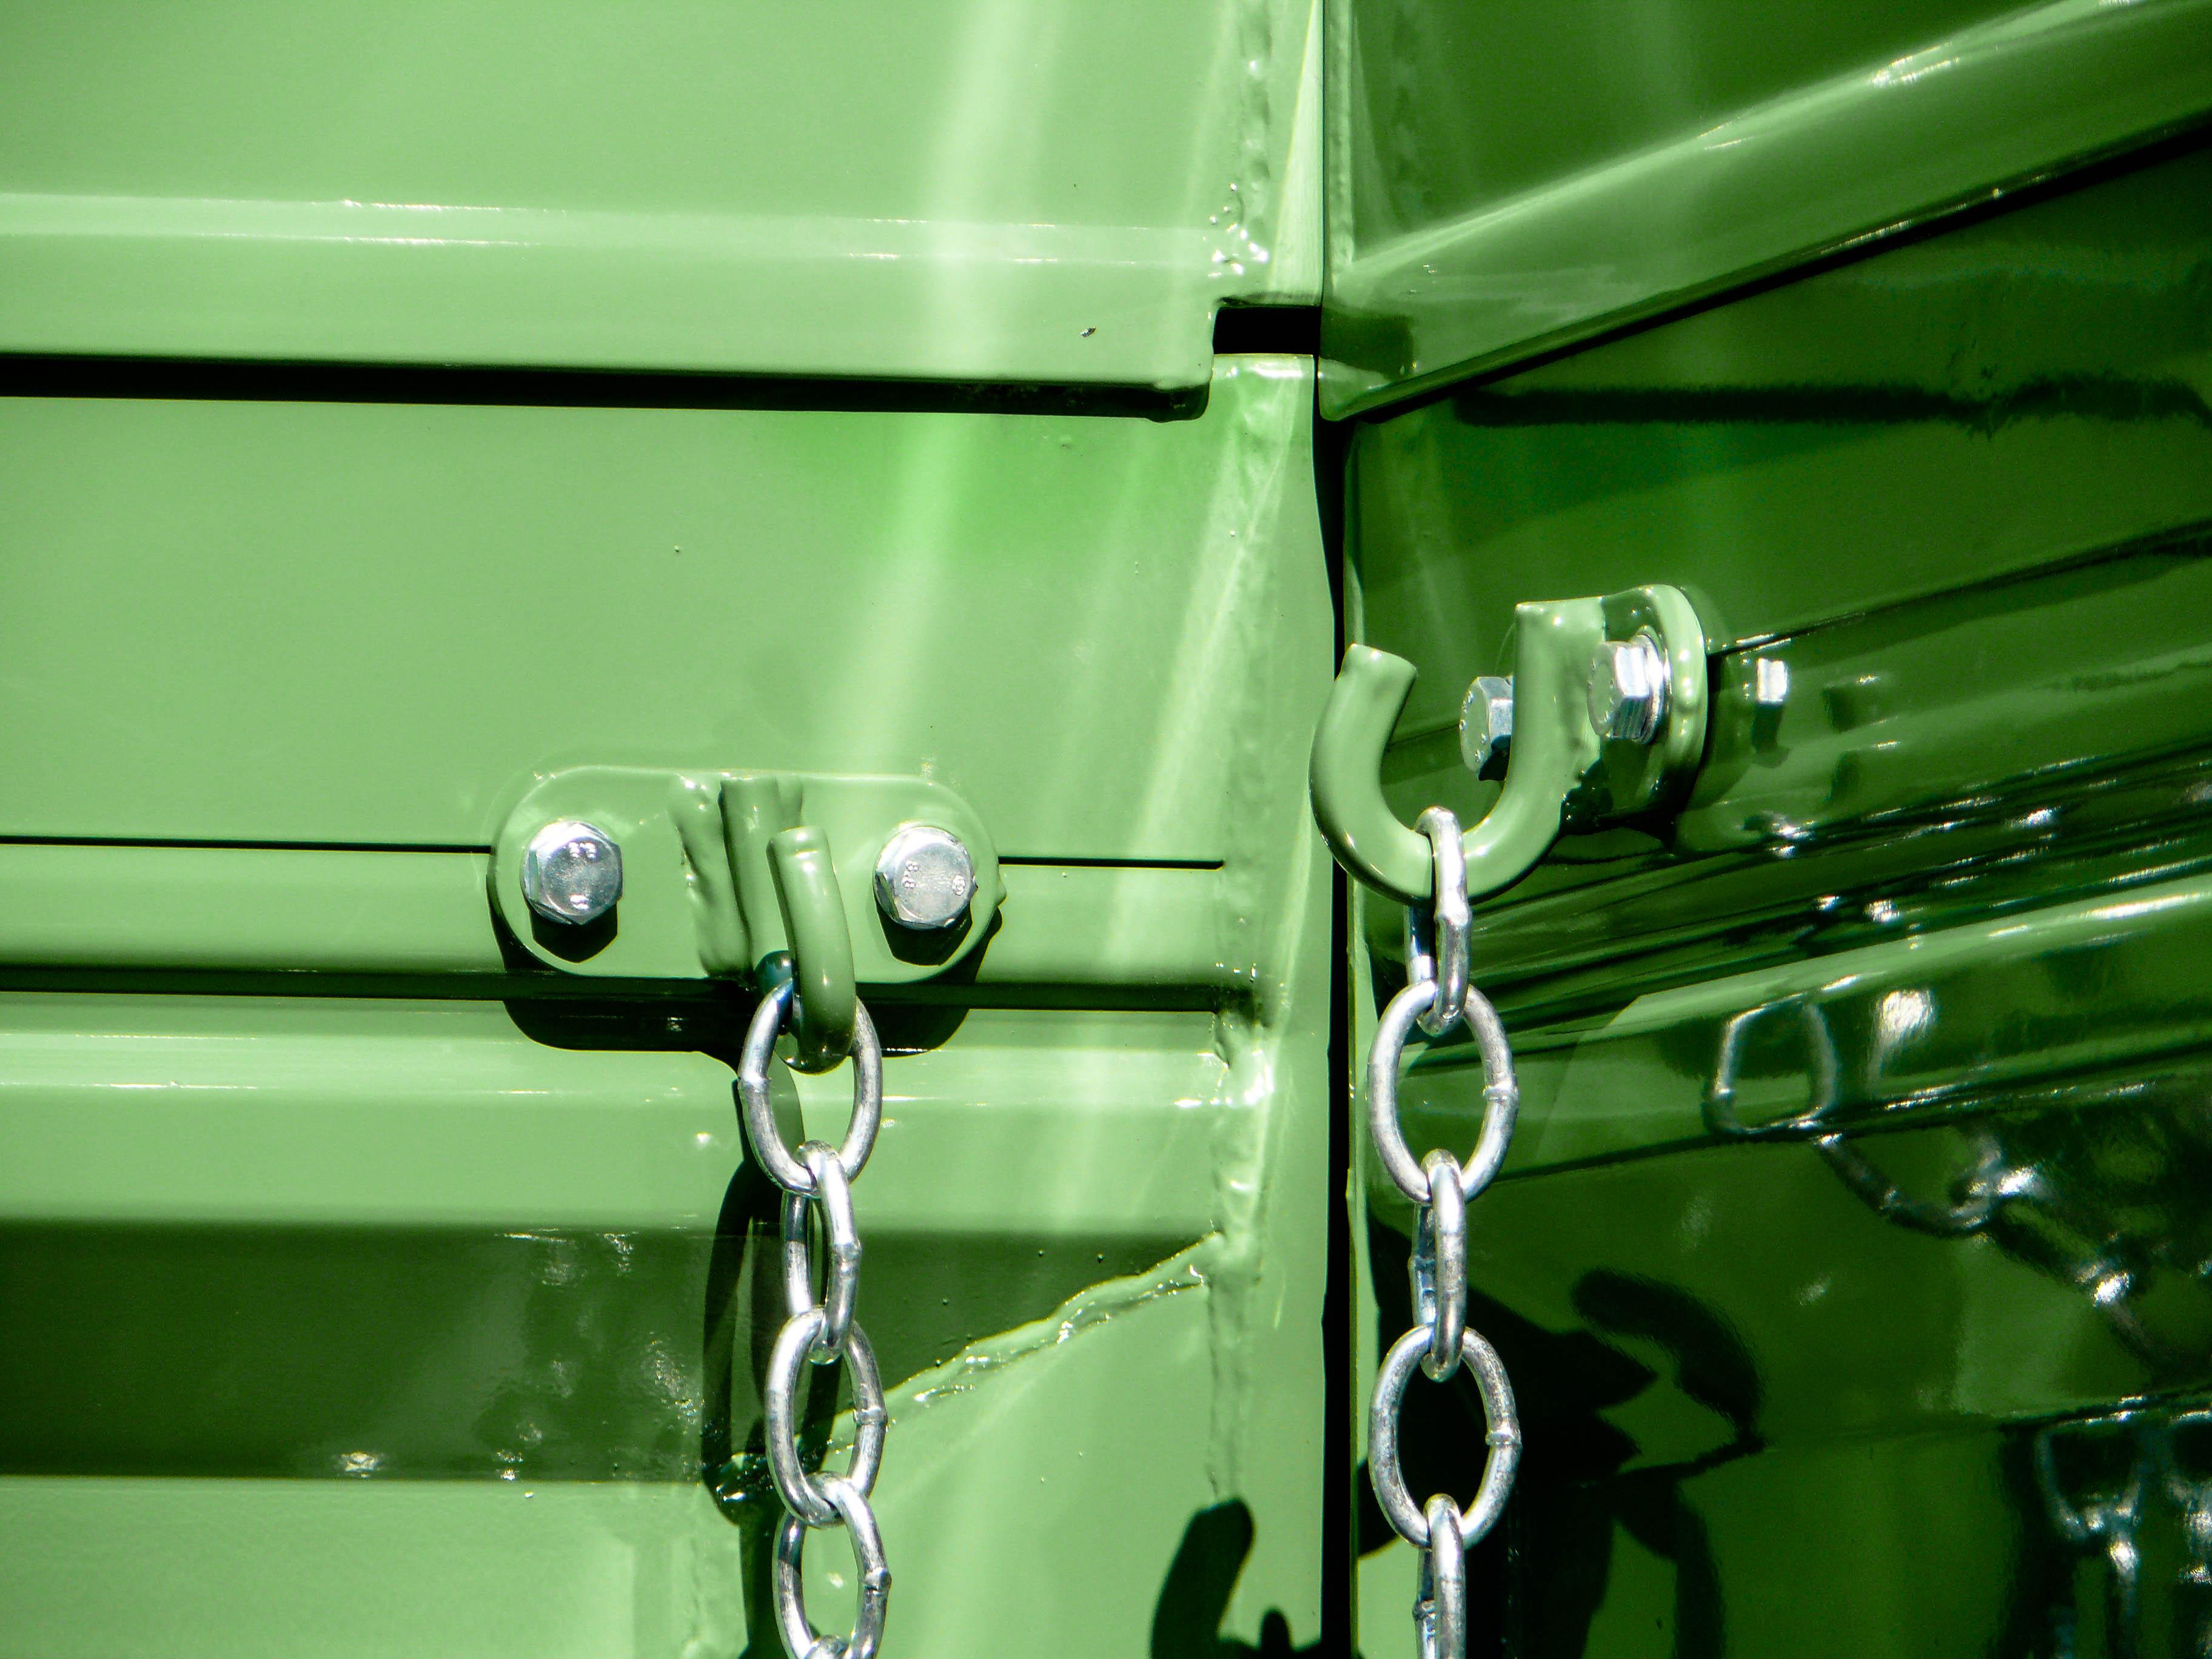 Brantner Kipper und Anhänger - Set of chains (screwable)